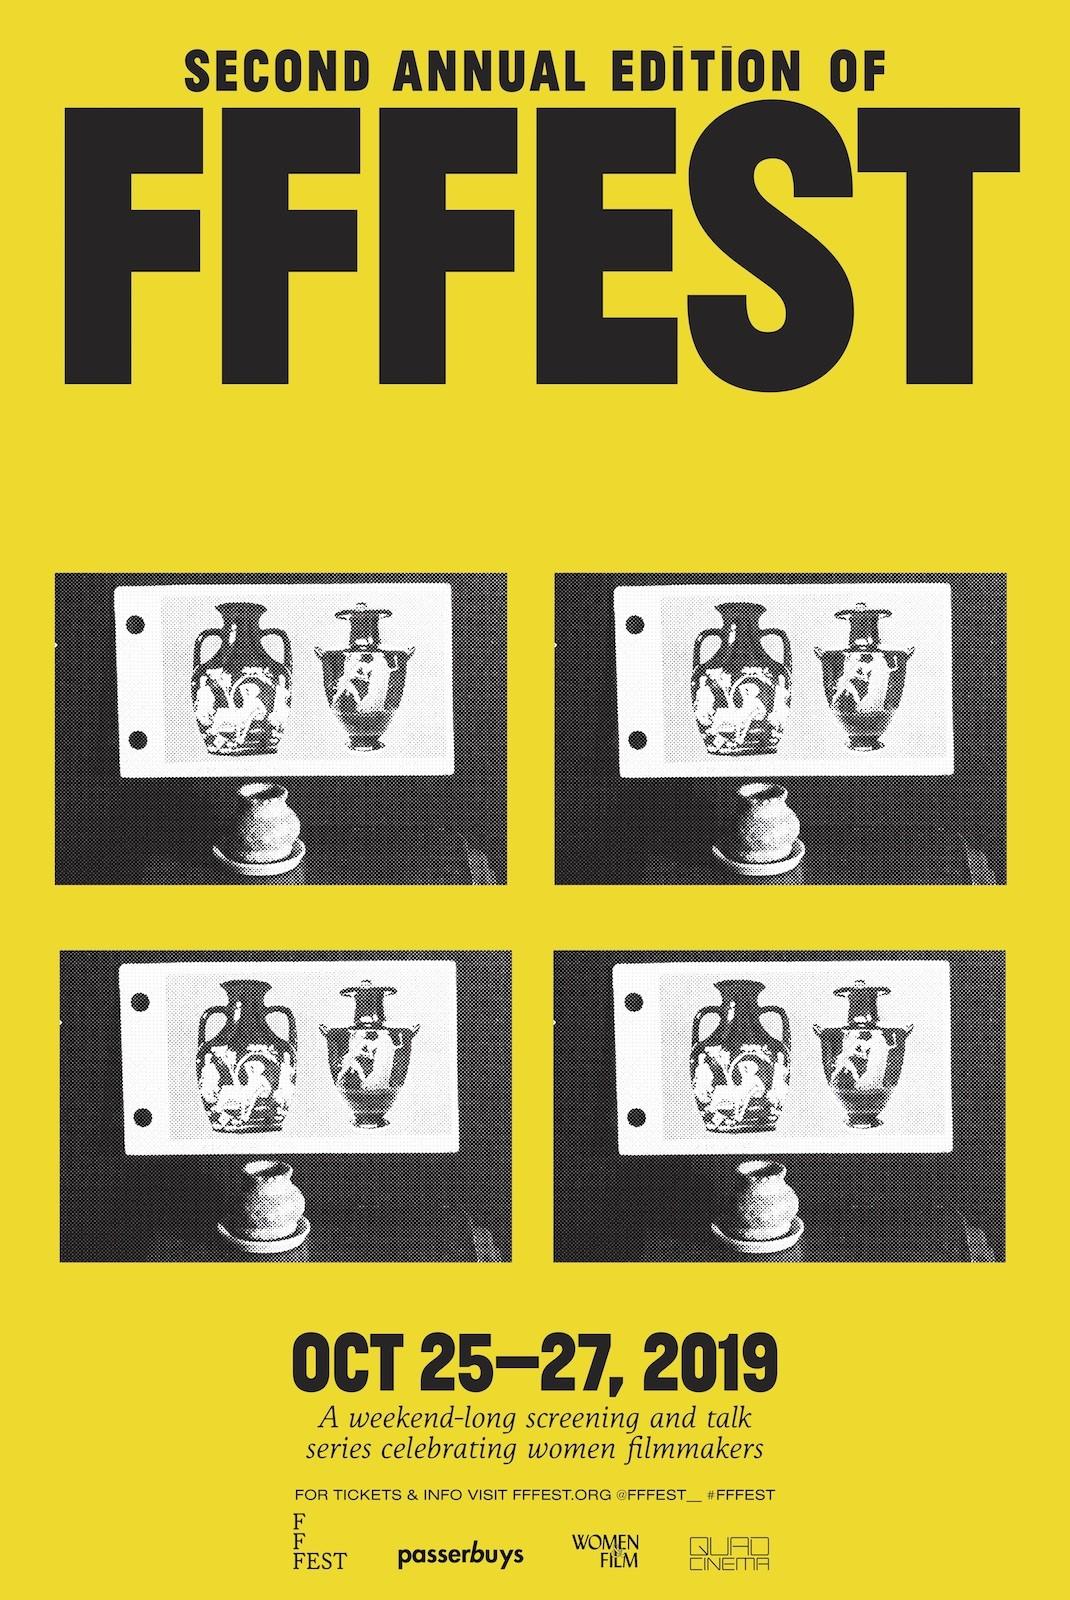 FFFEST-x-POP-Poster-Drafts-22082019-dragged